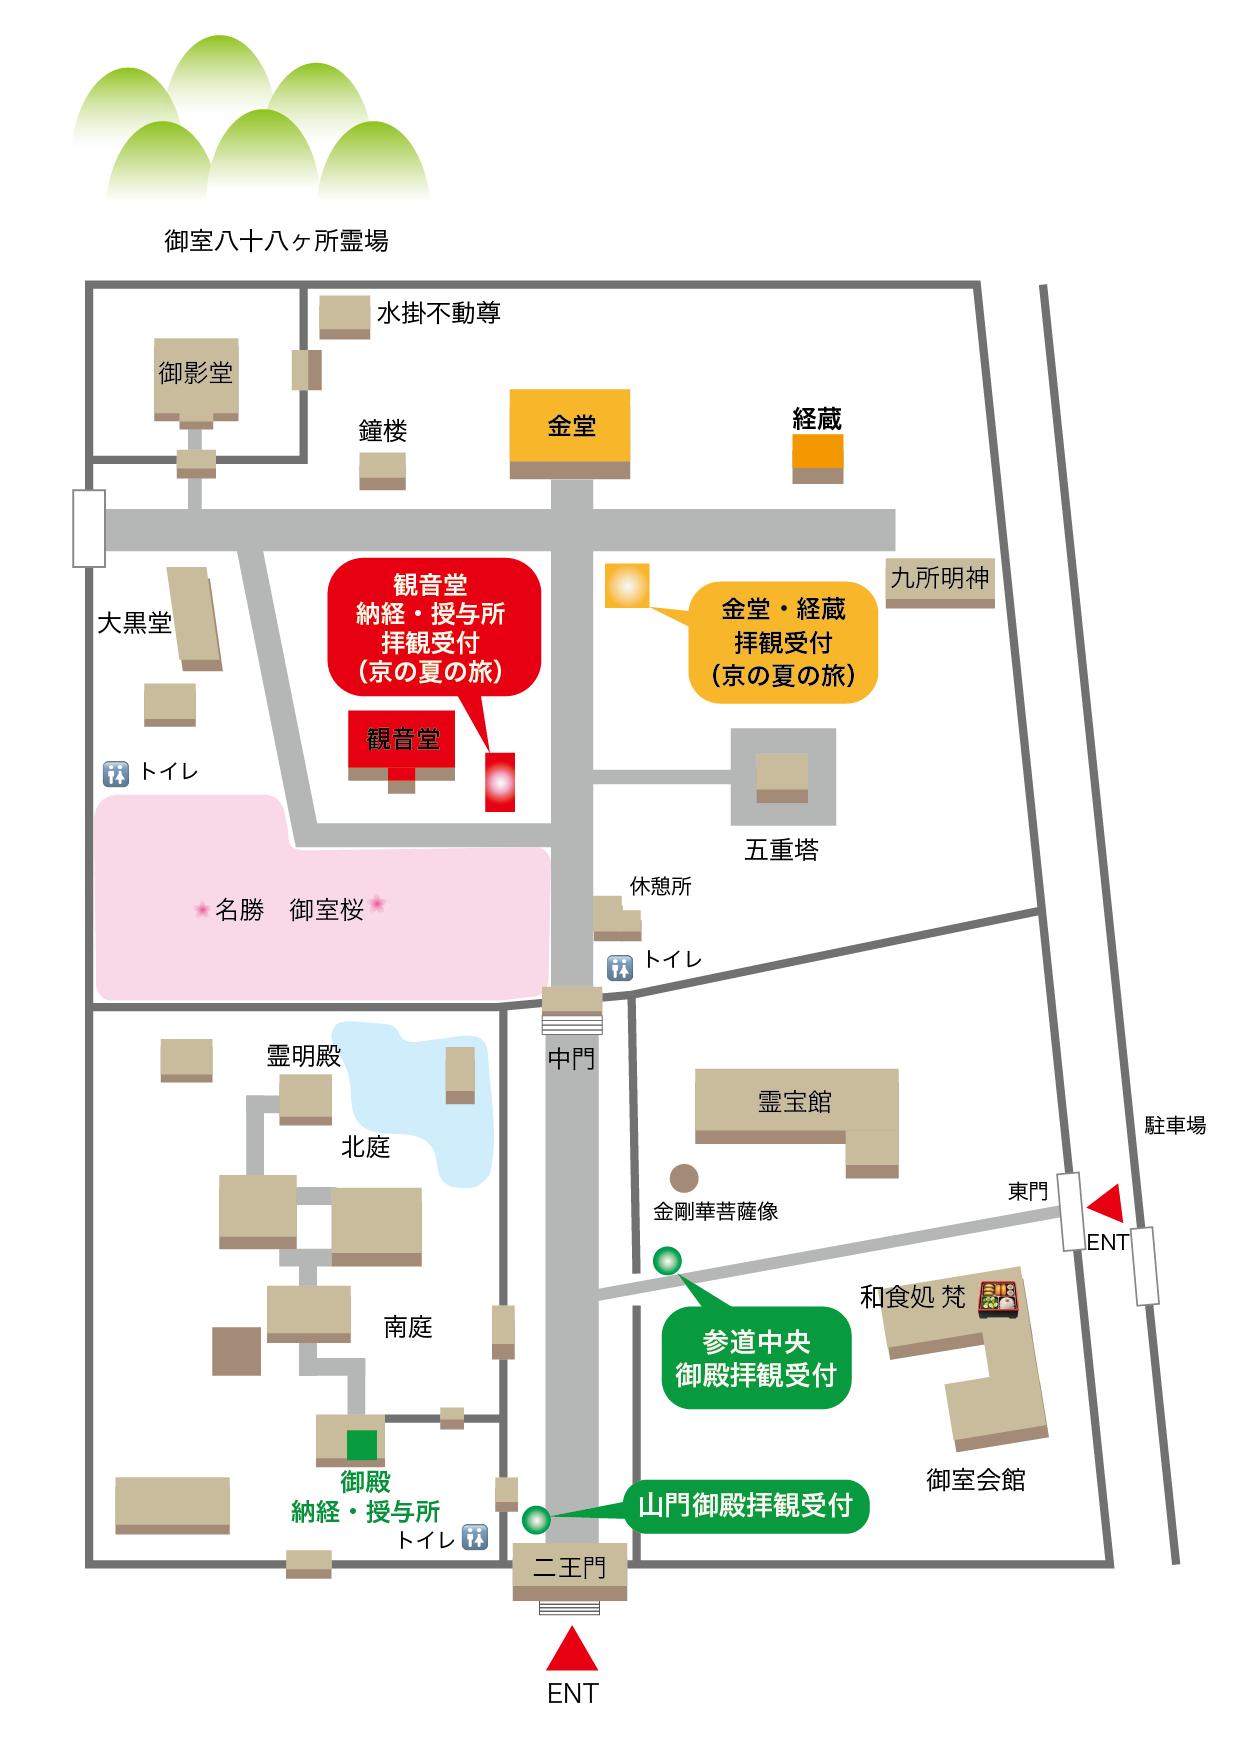 7月17日〜9月30日京都市観光協会境内図